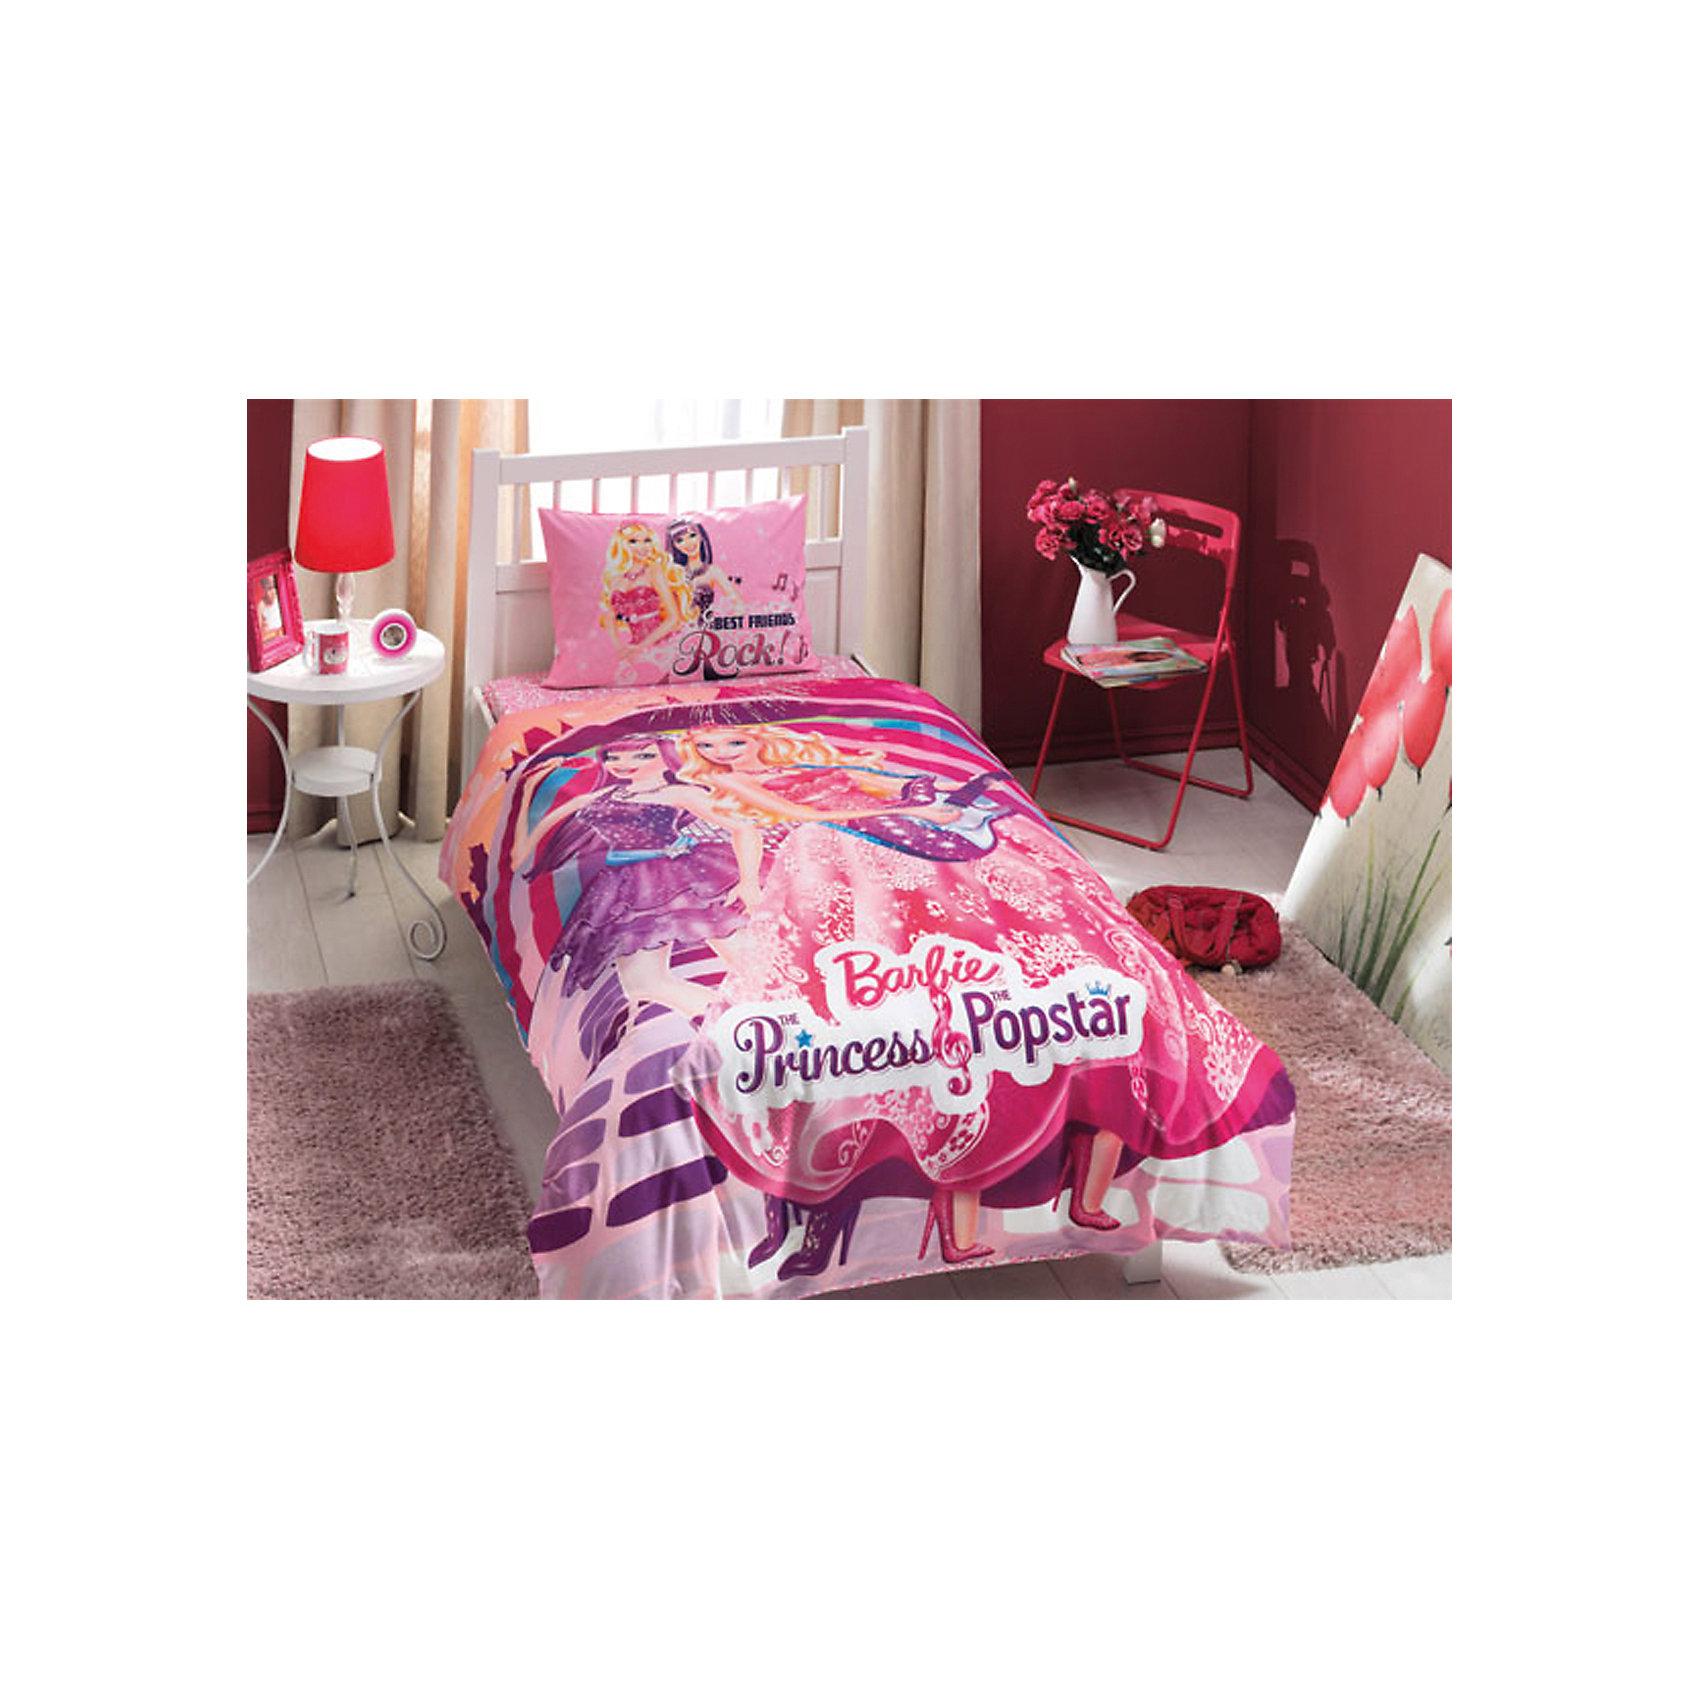 Постельное белье 3 пред. Barbie Princess Popstar, Ranforce/Disney, TACПостельное бельё<br>Характеристики товара: <br><br>• комплектация: пододеяльник (160х220см), наволочка (50х70см), простынь (180х200см);<br>• материал: ранфорс (100% хлопок);<br>• цвет: розовый, фиолетовый;<br>• страна бренда: Турция;<br>• страна производитель: Турция.<br><br>Это постельное бельё от турецкого бренда TAC (ТАЧ) отлично подойдёт маленькой девочке, мечтающей о собственном мире Барби. Несмотря на плотность ткани, она состоит из мельчайших волокон, что придаёт мягкость и воздушность изделию. Все материалы, которые входят в состав этого комплекта, гипоаллергенны и не вызывают неприятных ощущений. <br><br>Постельное бельё не боится воды, так как пропускает через себя около 20% влаги и выводит наружу, поэтому её очень легко сушить. Благодаря специальному составу материал не электризуется и способствует улучшению сна ребёнка. <br><br>Такой комплект очень устойчив к частым стиркам, его рекомендуется стирать обычным детским мылом без отдушек. Температурный баланс тела ребенка всегда поддерживается, а значит беспокоиться не о чем.<br> <br>Волшебный мир Барби будет всегда создавать уют и радовать ребенка.<br><br>Постельное бельё Barbie Princess Popstar (Барби Пинцесс Попстар) можно купить в нашем интернет-магазине.<br><br>Ширина мм: 350<br>Глубина мм: 150<br>Высота мм: 150<br>Вес г: 1300<br>Возраст от месяцев: 36<br>Возраст до месяцев: 144<br>Пол: Женский<br>Возраст: Детский<br>SKU: 6849294